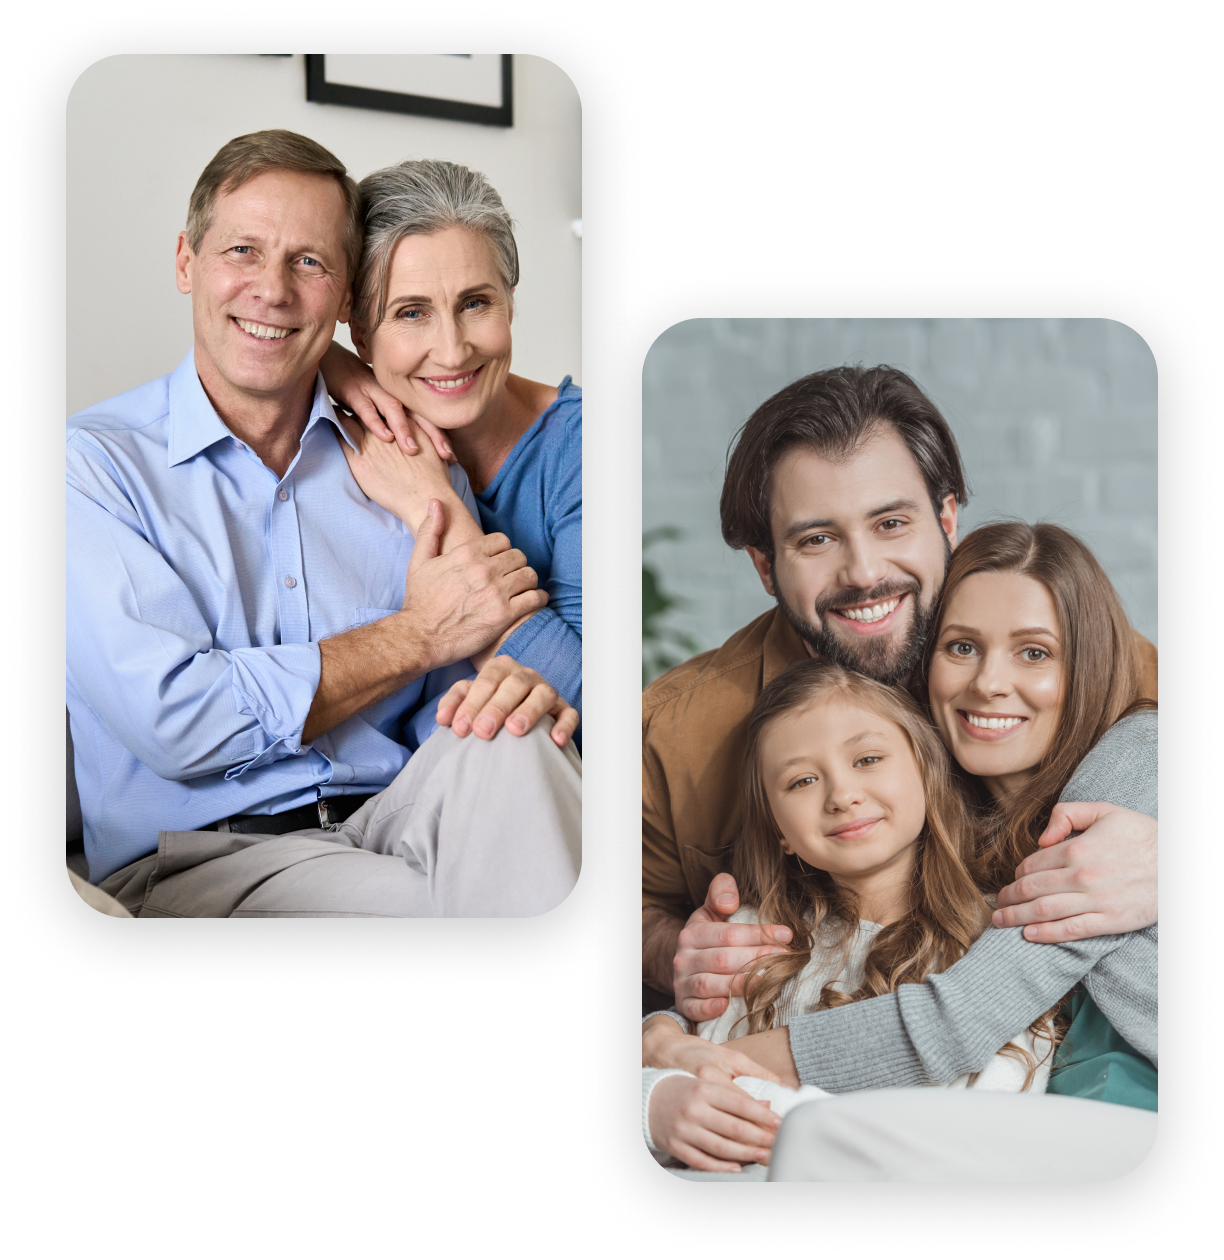 seguro oncologico familia protegida